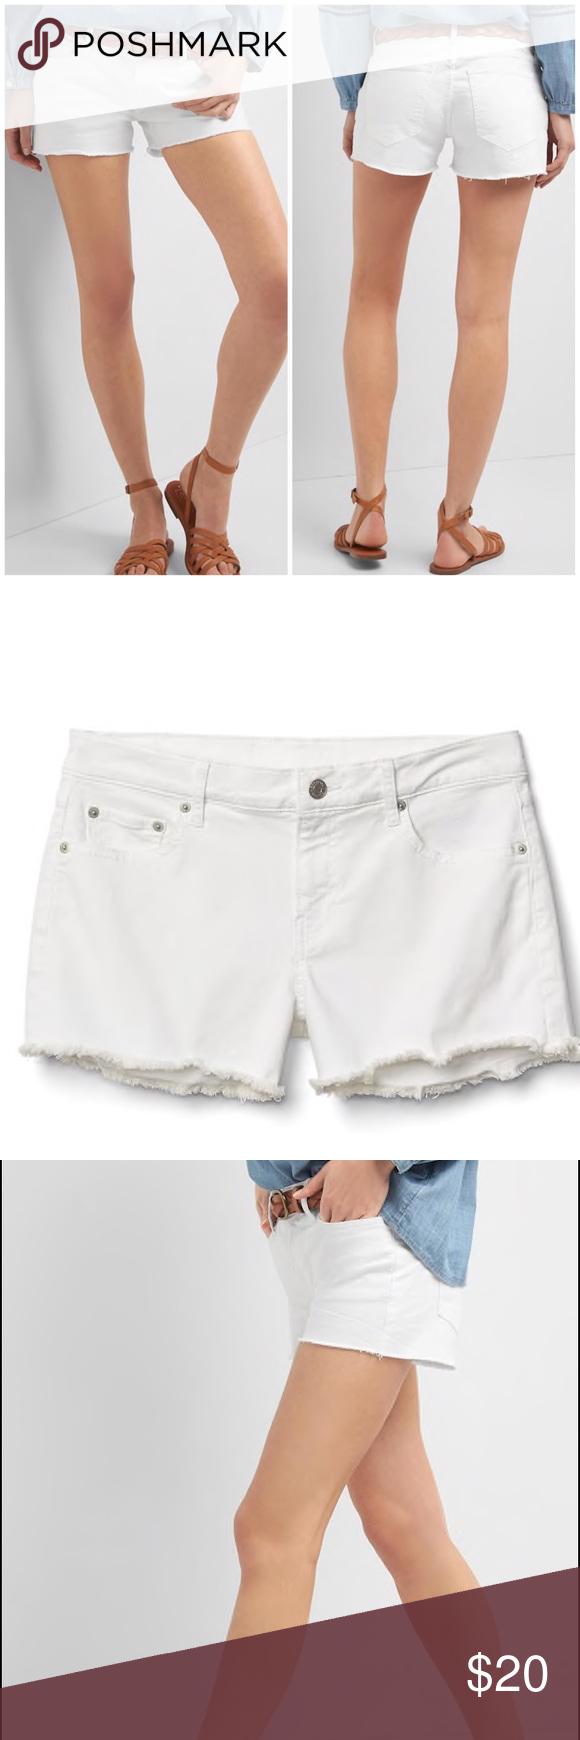 25d3cb2ab8 Gap 1969 white raw hem Denim shorts cut offs These Gap 1969 white denim cut  off